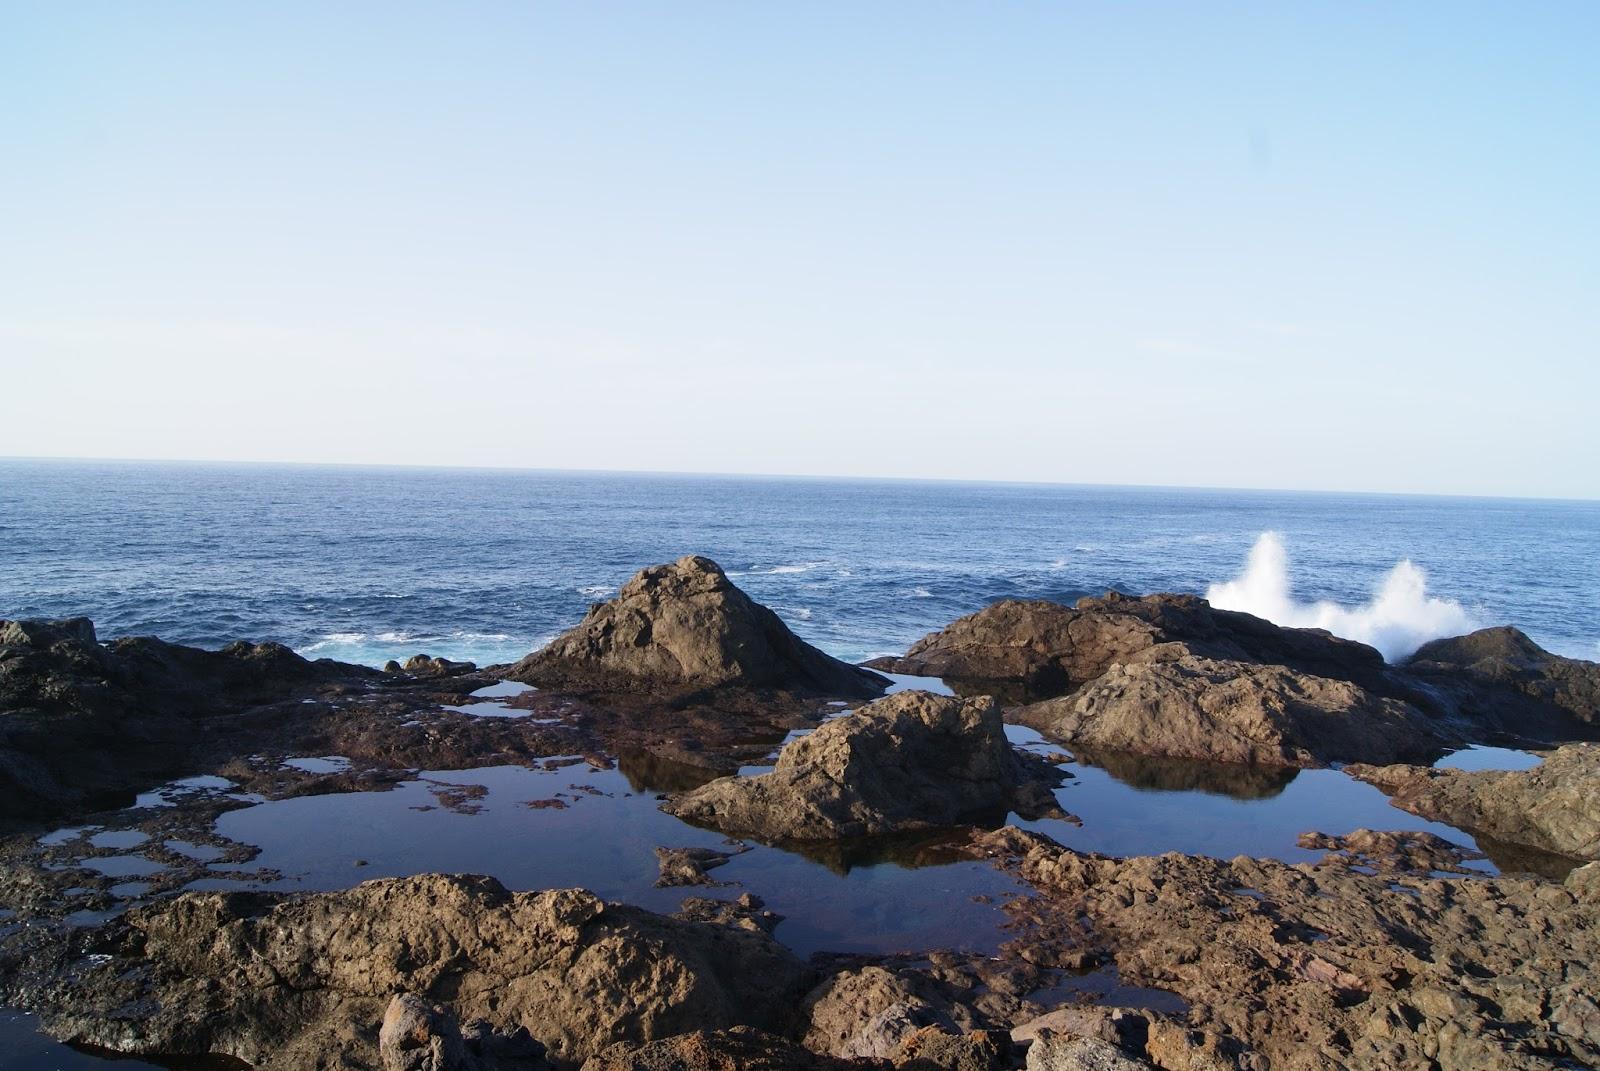 el mundo de magec 7 piscinas naturales del norte de gran On piscinas naturales sardina del norte